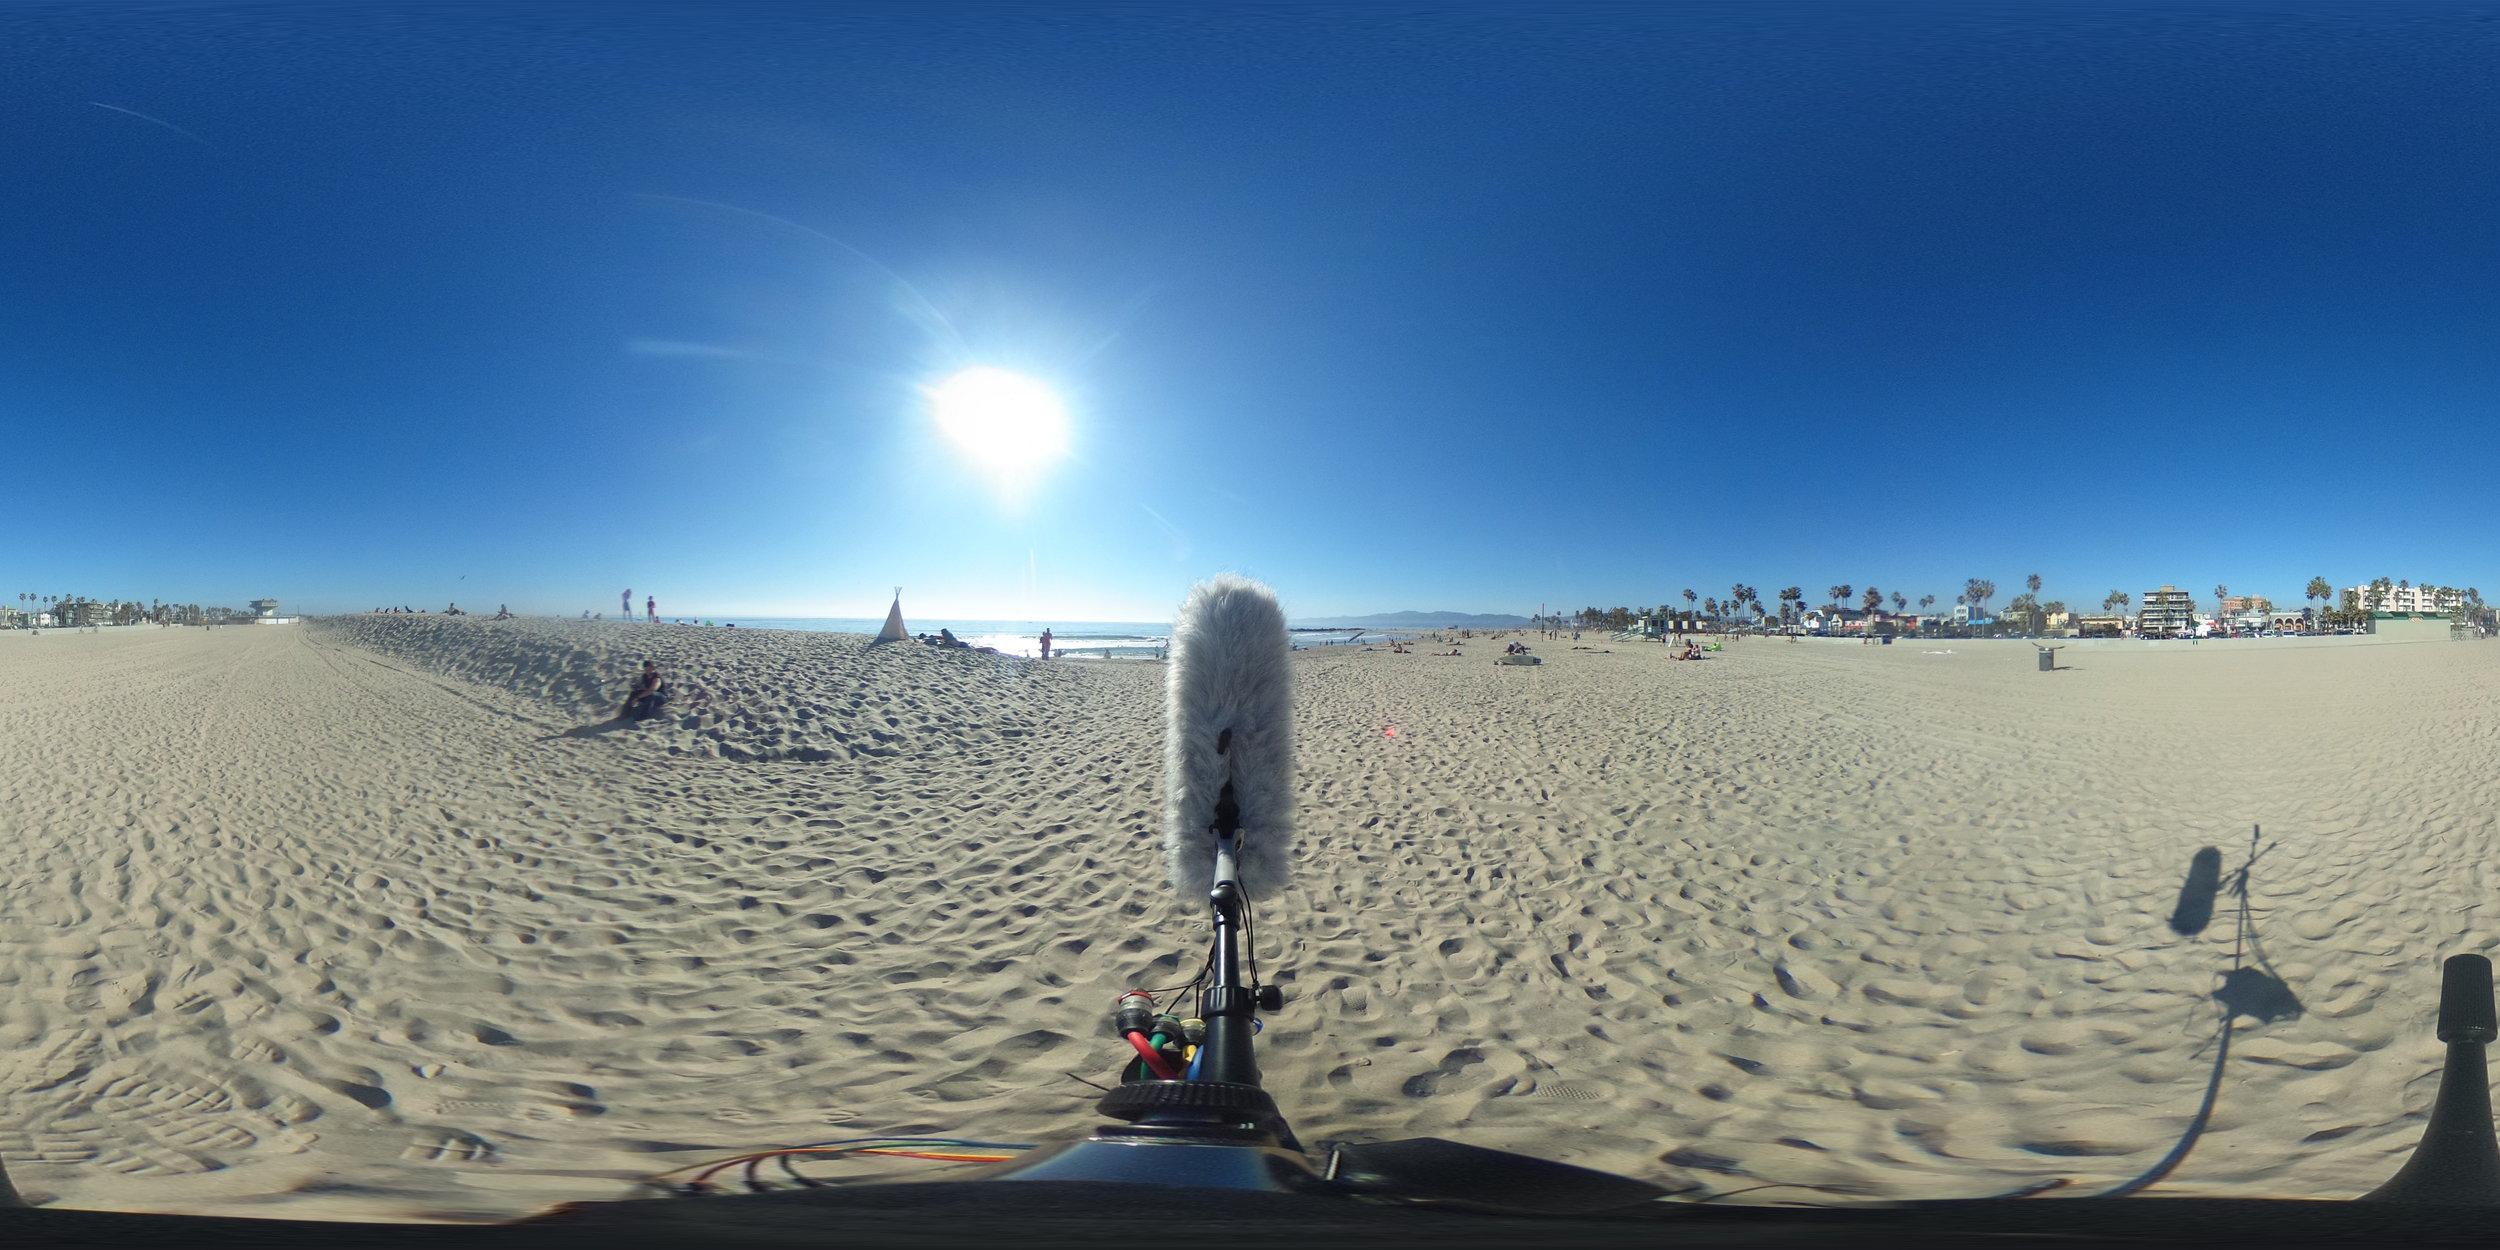 EXT_Day_Beach_MediumWaves_MediumToDistantMotorBoats_DistantSeaGulls_SporadicDistinctVoices_JPEG.JPG